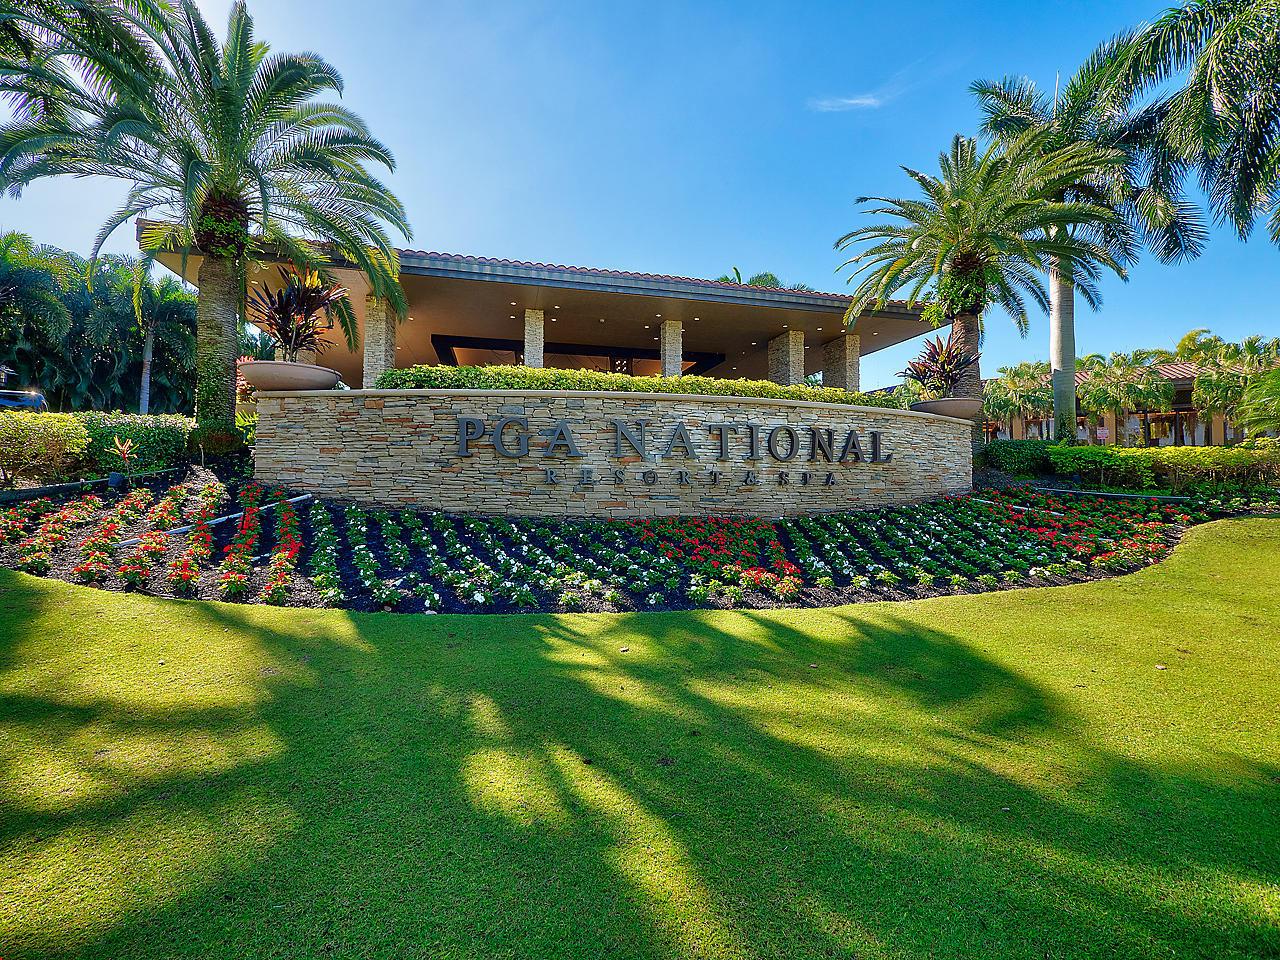 Option of joining PGA National